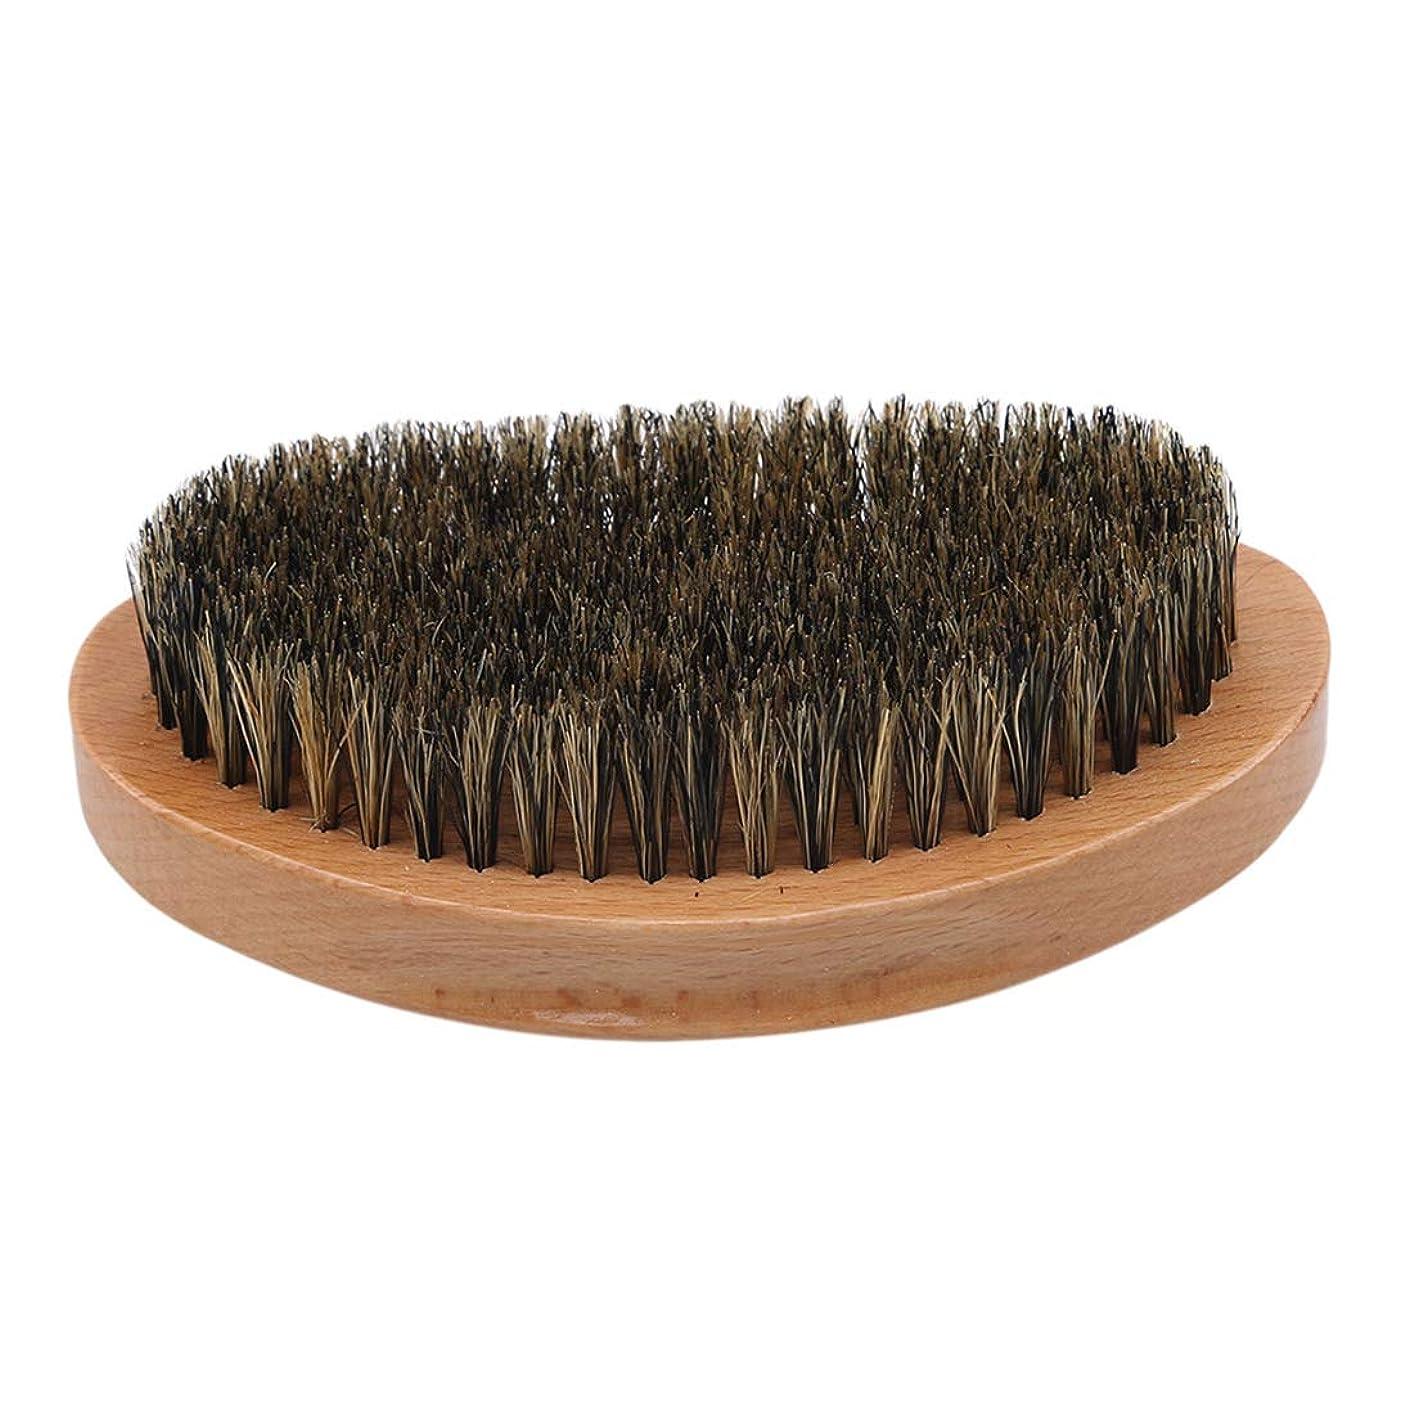 わな疑問を超えてトラップKLUMA ひげブラシ シェービングブラシ 髭剃り 毛髭ブラシ 泡立ち 理容 美容ツール 旅行用 1#